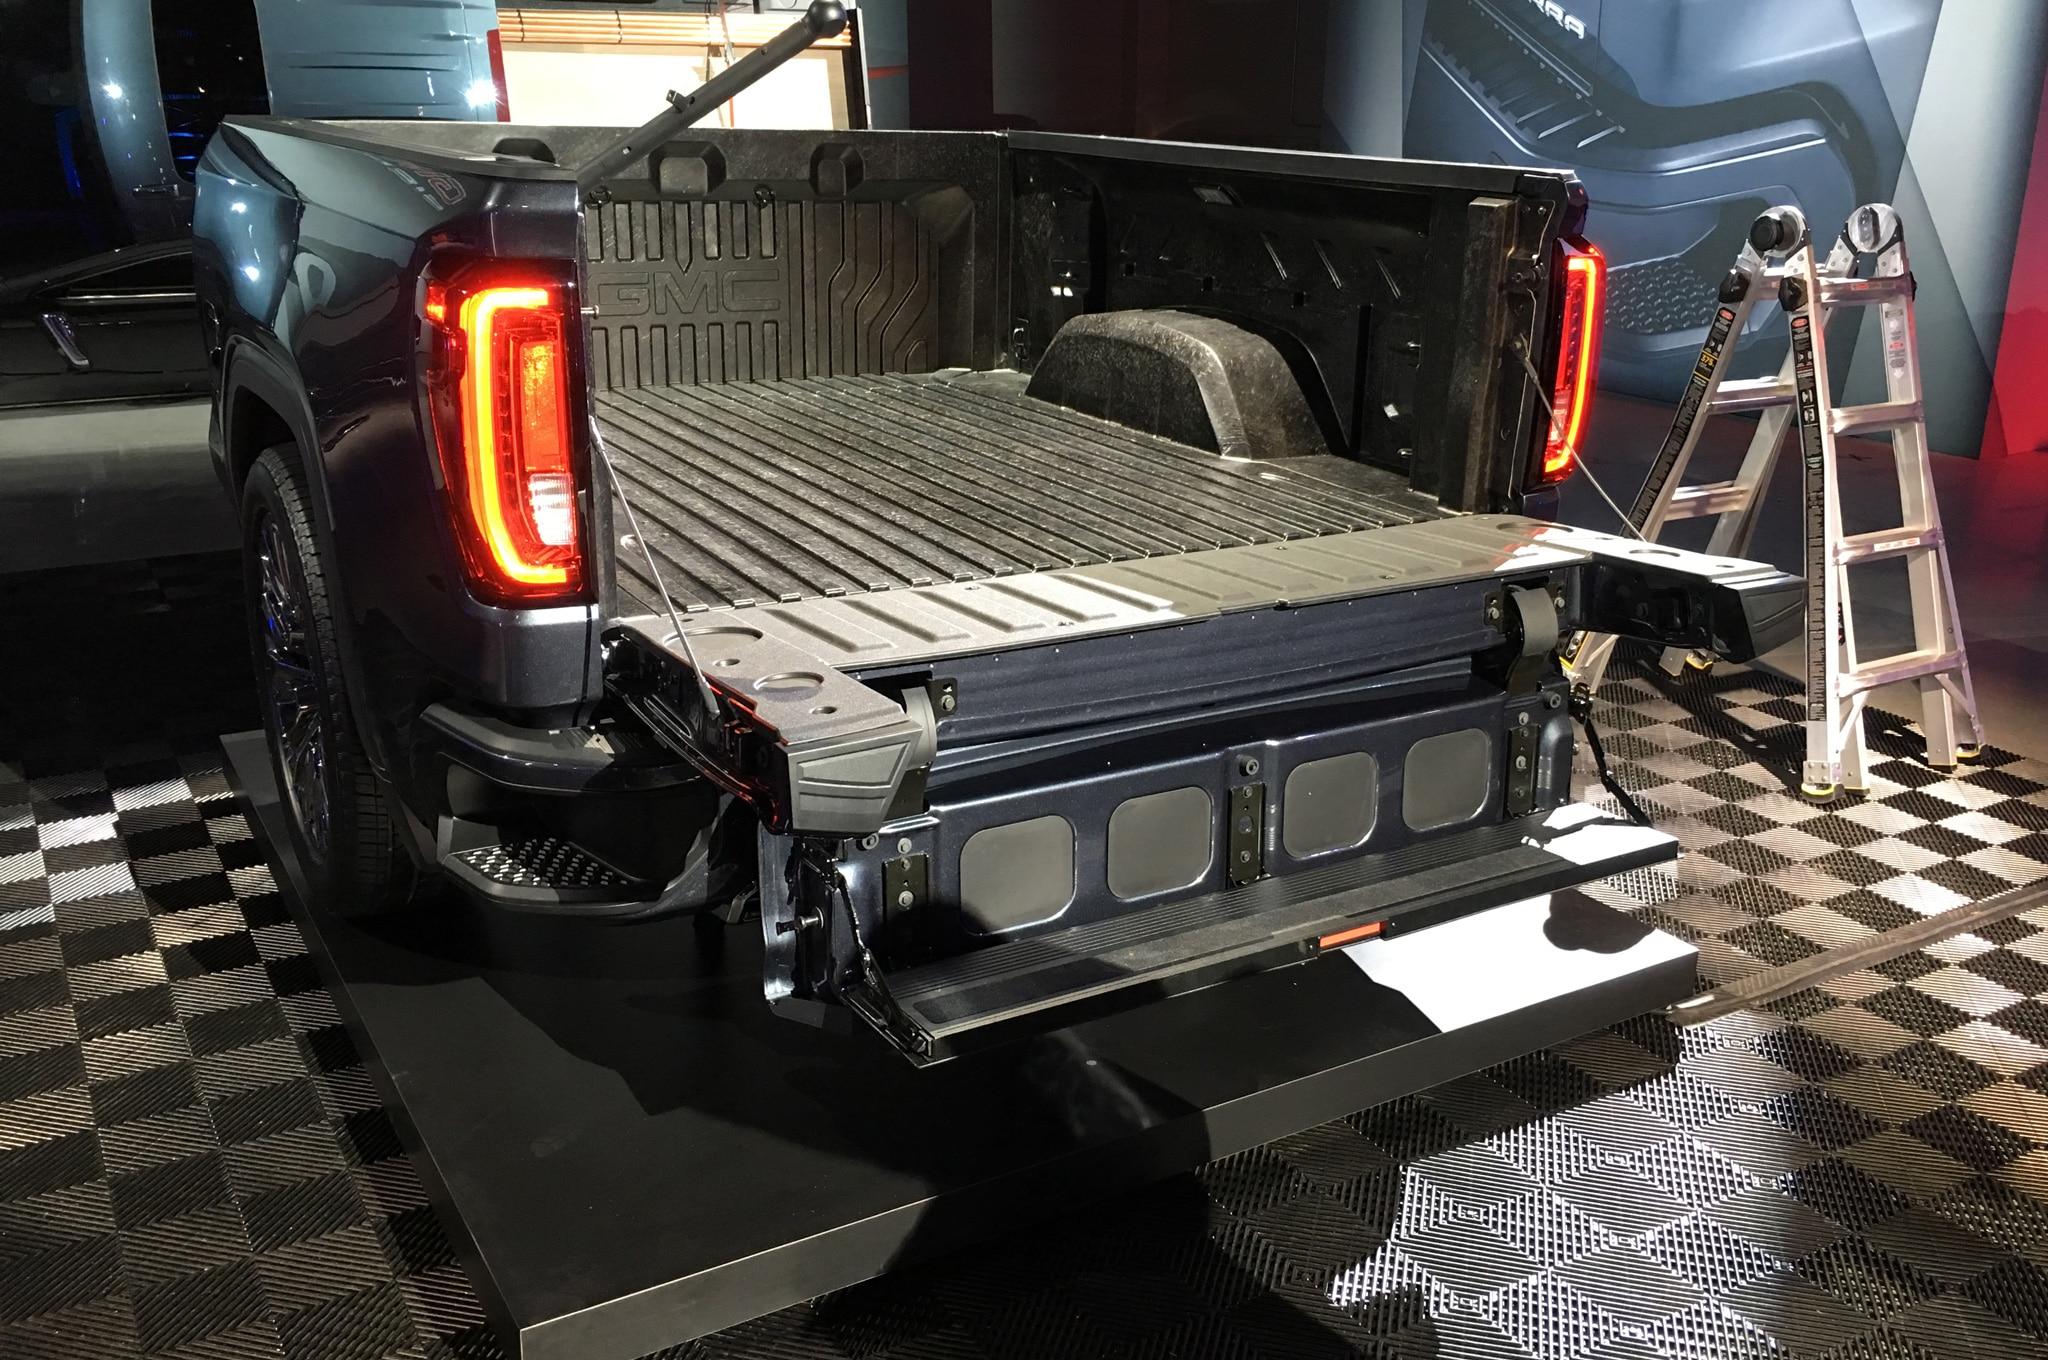 2019 Gmc Sierra Denali Drops With A Split Folding Tailgate